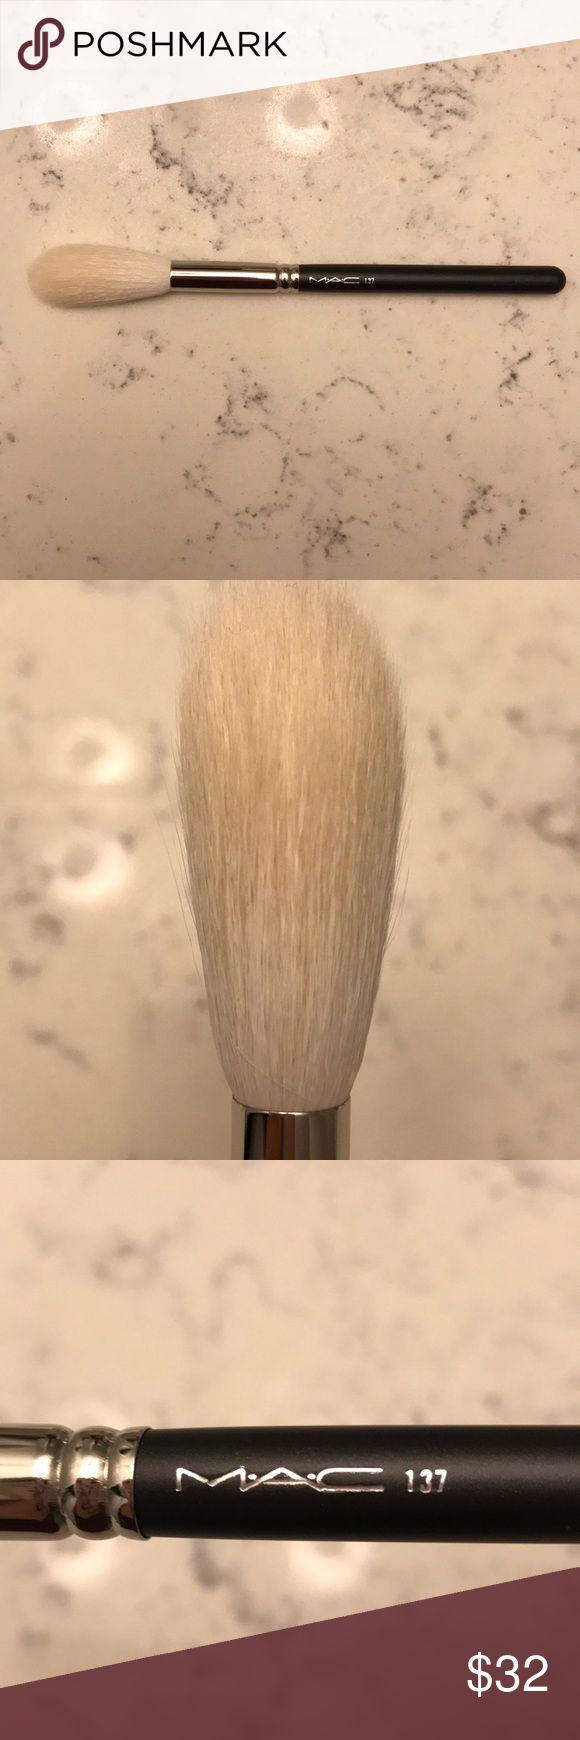 Mac 137 Long Blending Brush: 25+ Trending Mac Brushes Ideas On Pinterest